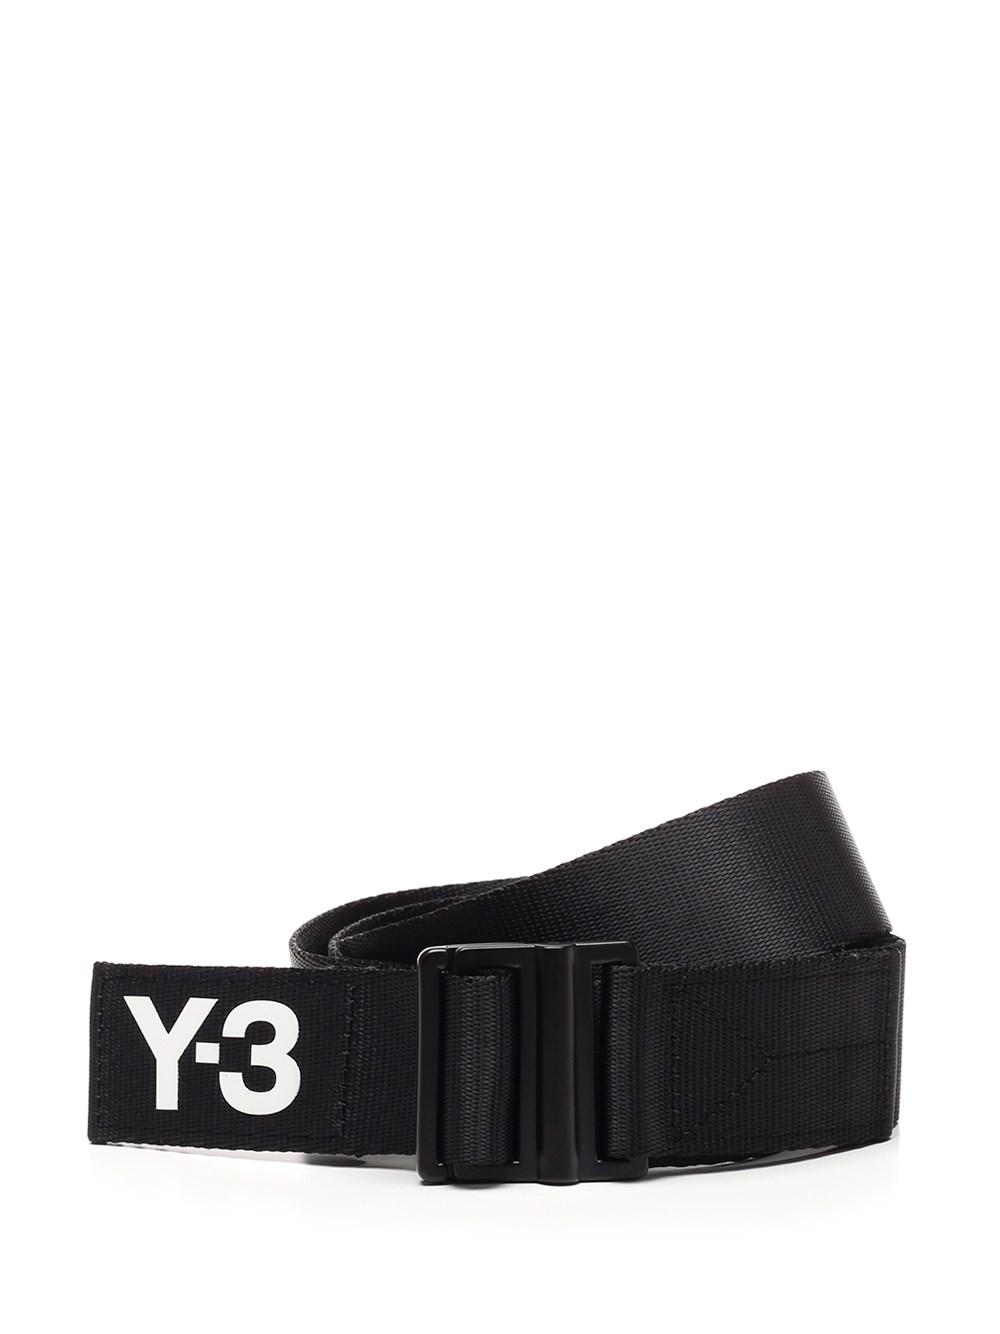 ADIDAS Y-3 Black Belt